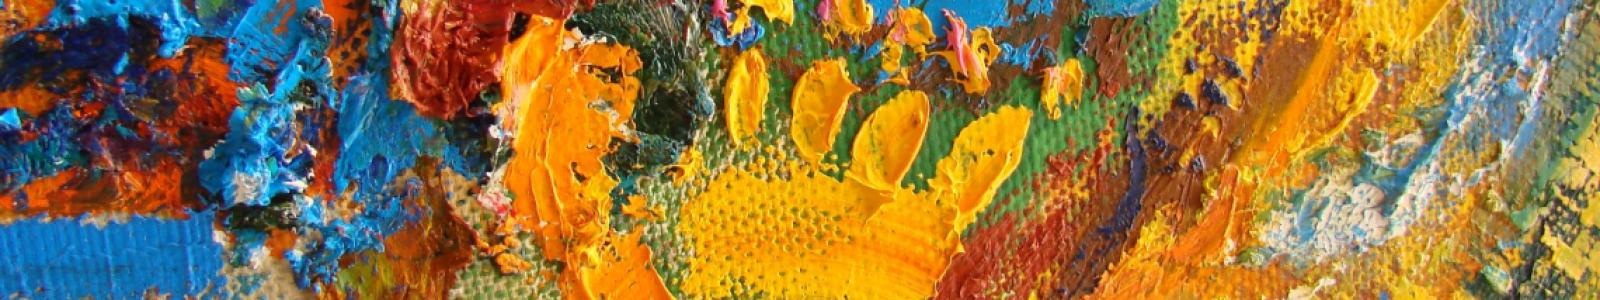 Gallery Painter Inna Pantelemonova